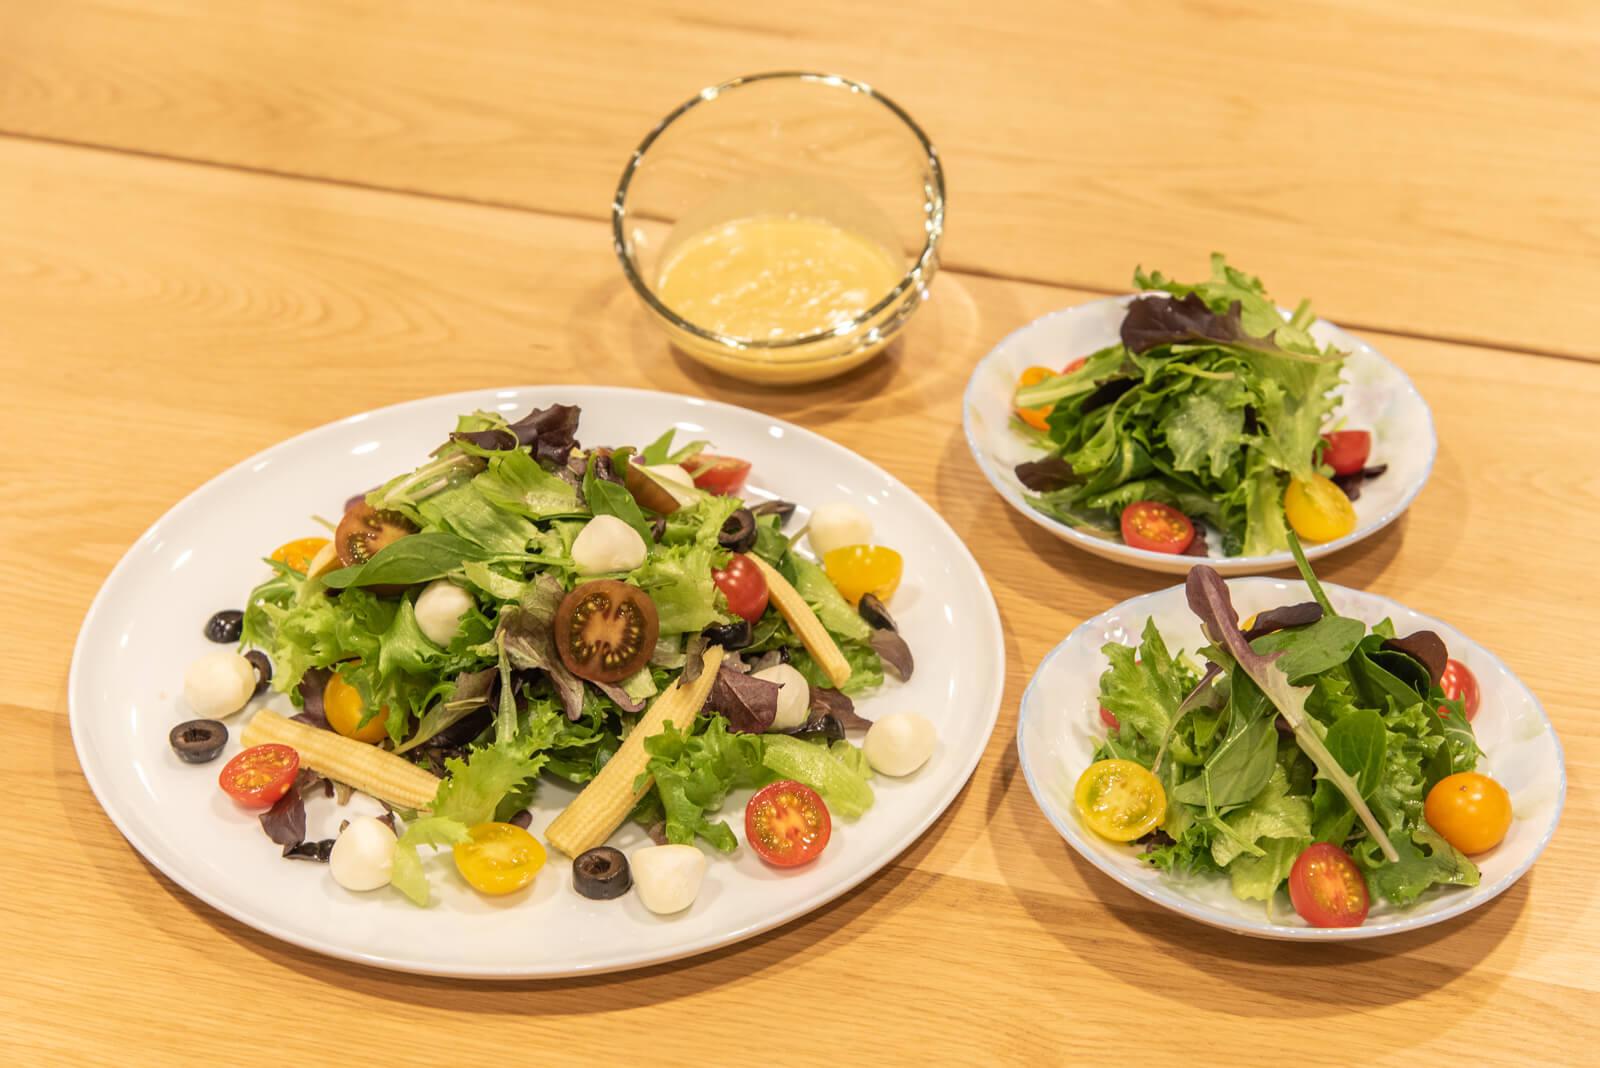 ポタージュスープや出汁、ドレッシングも作れる!バイタミックスを使ったおすすめ料理レシピ特集